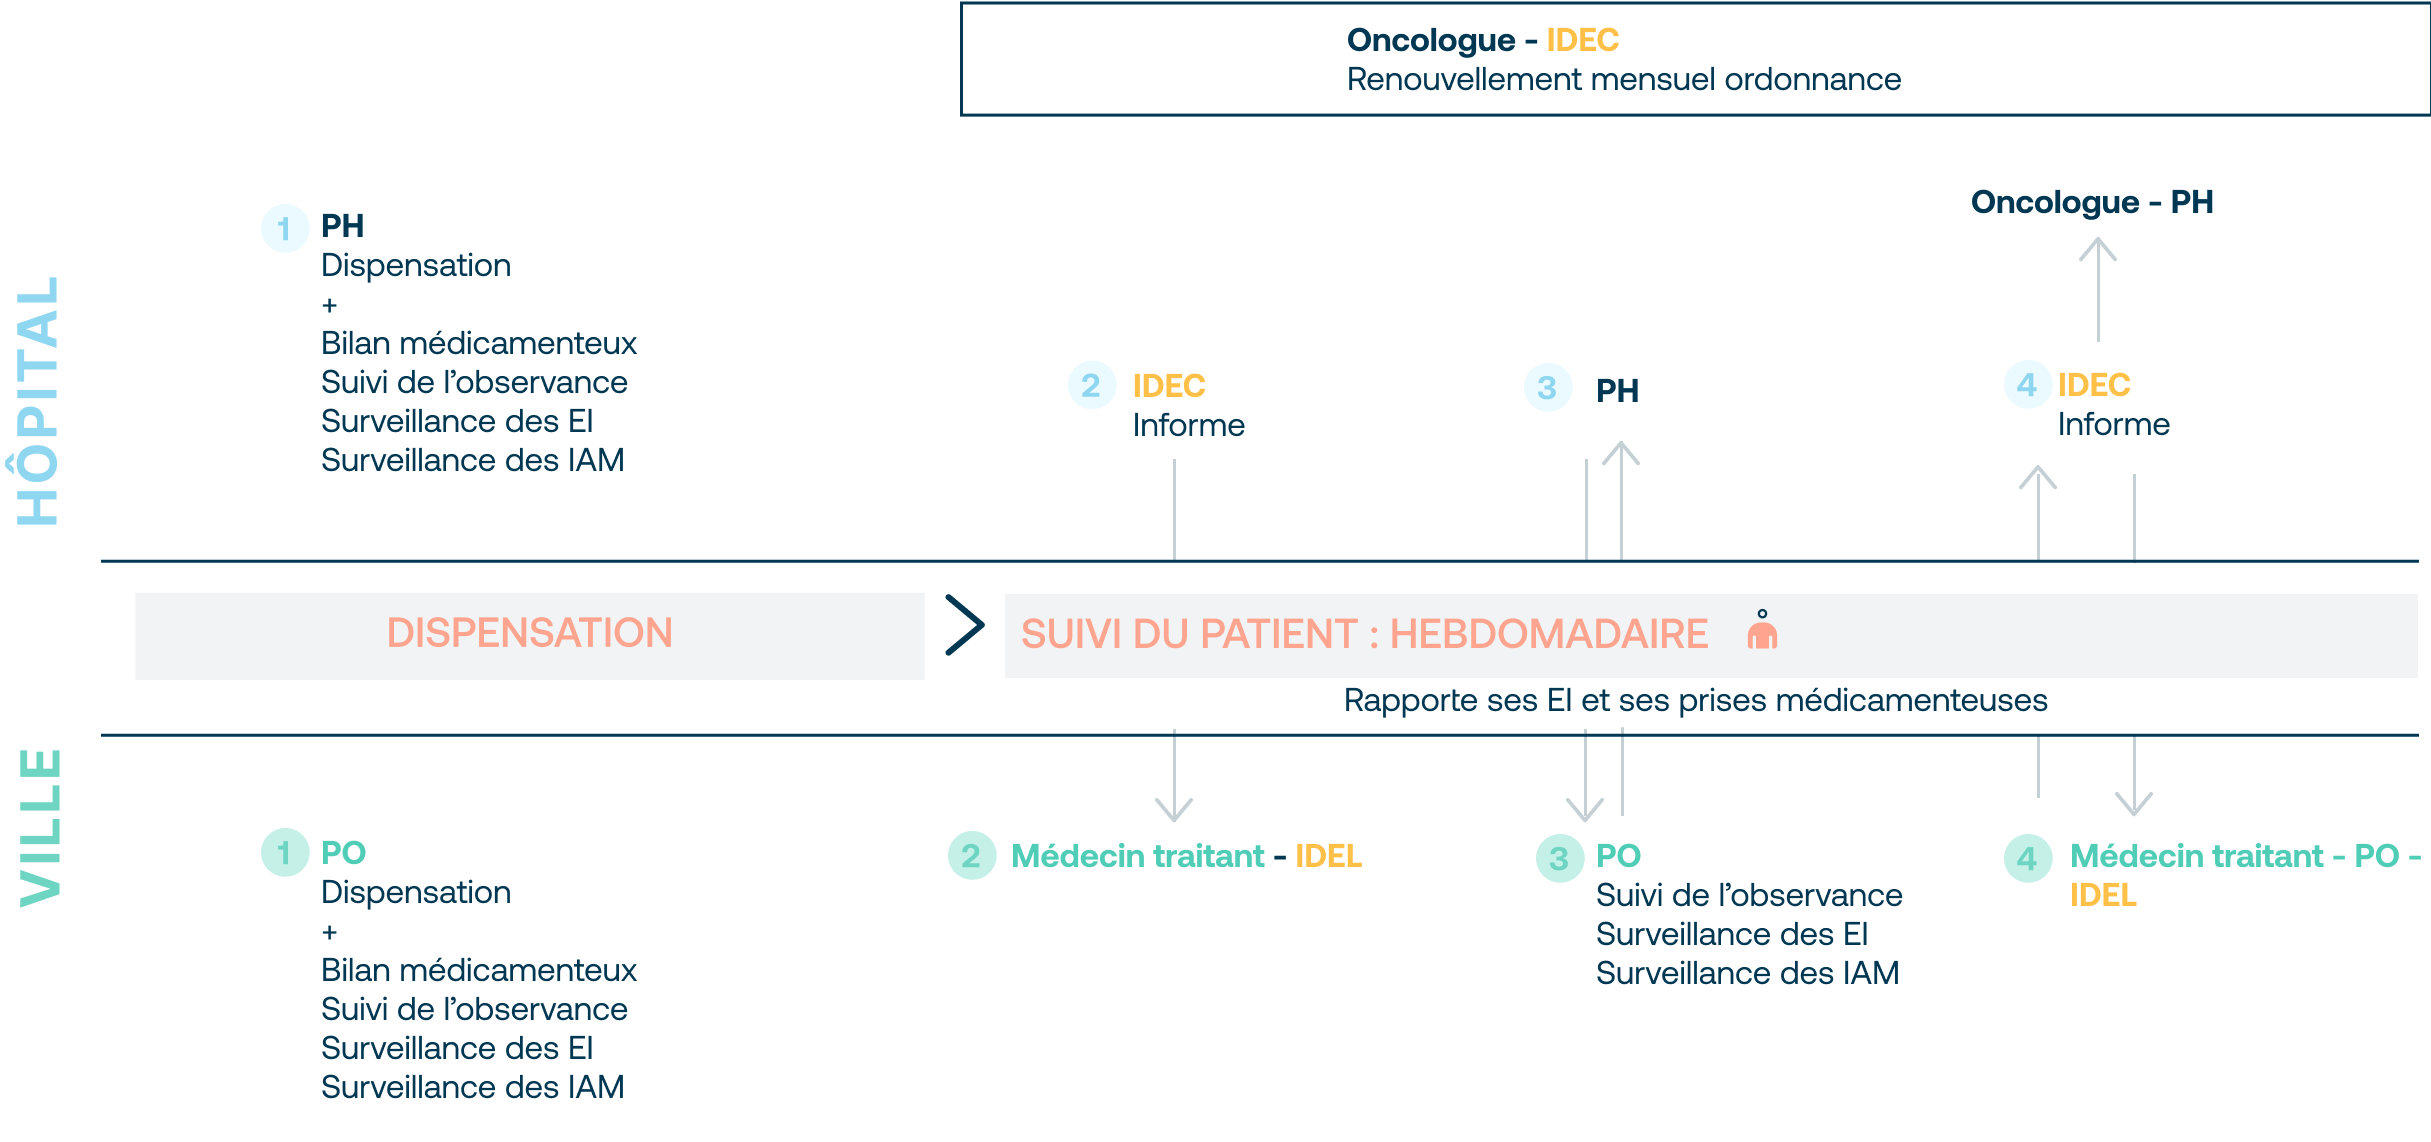 Déroulement de la seconde phase basée sur le renouvellement de la prescription et le suivi hebdomadaire du patient.